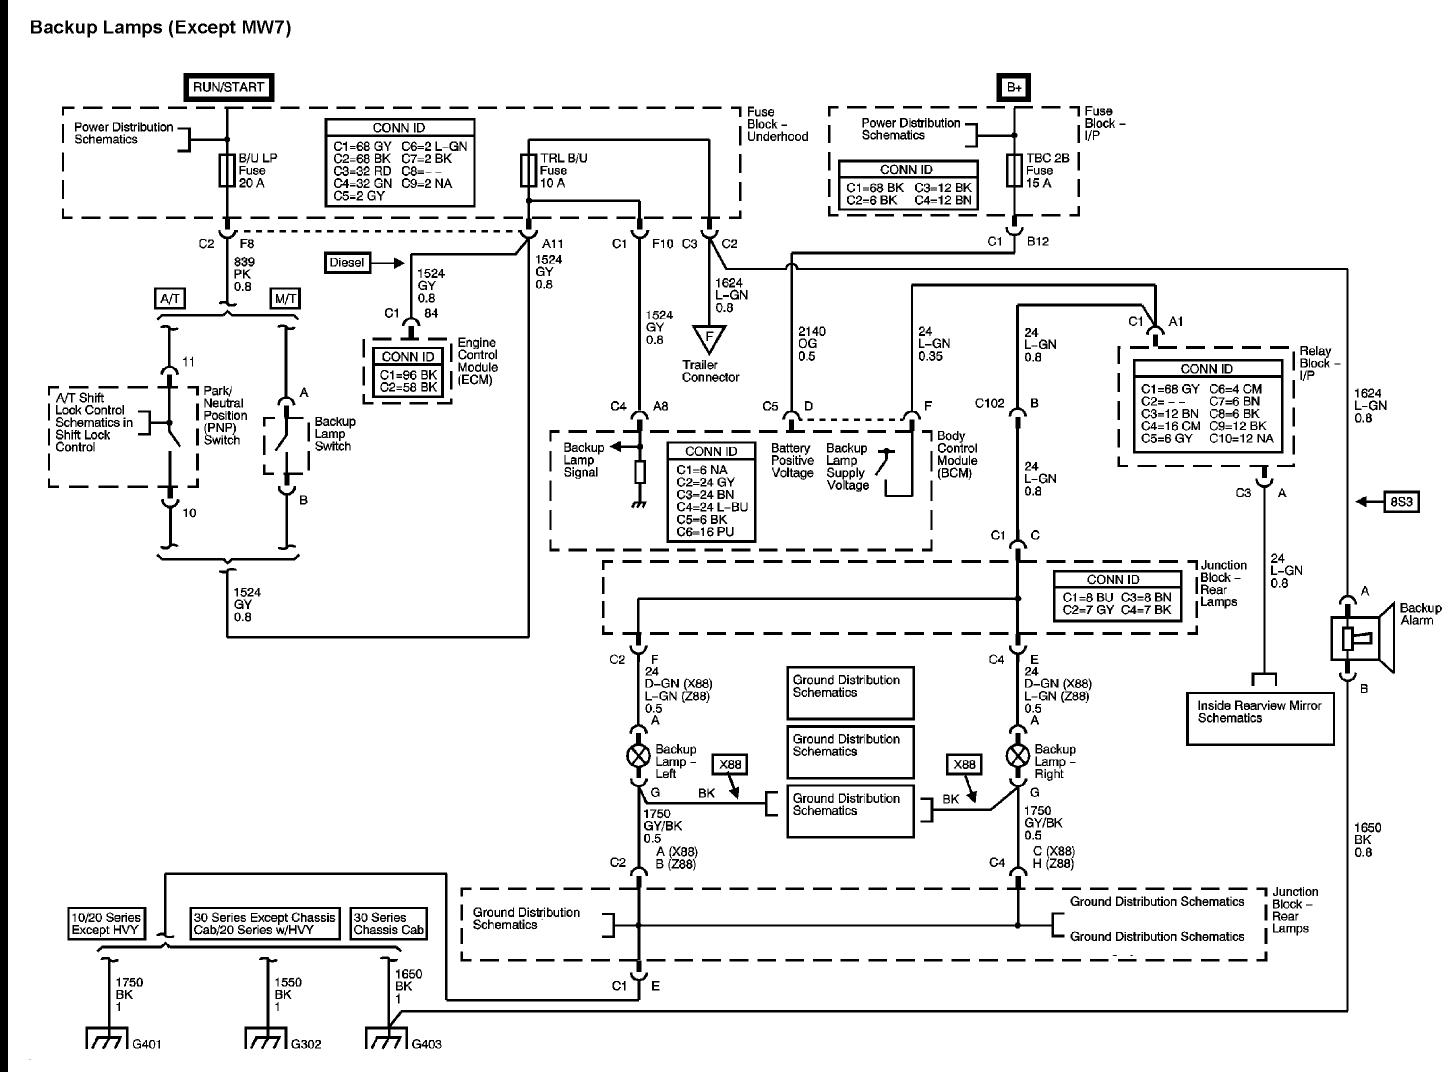 2008 Gmc Sierra Trailer Wiring Diagram - Wiring Diagram Data Oreo - 2006 Chevy Silverado Trailer Wiring Diagram